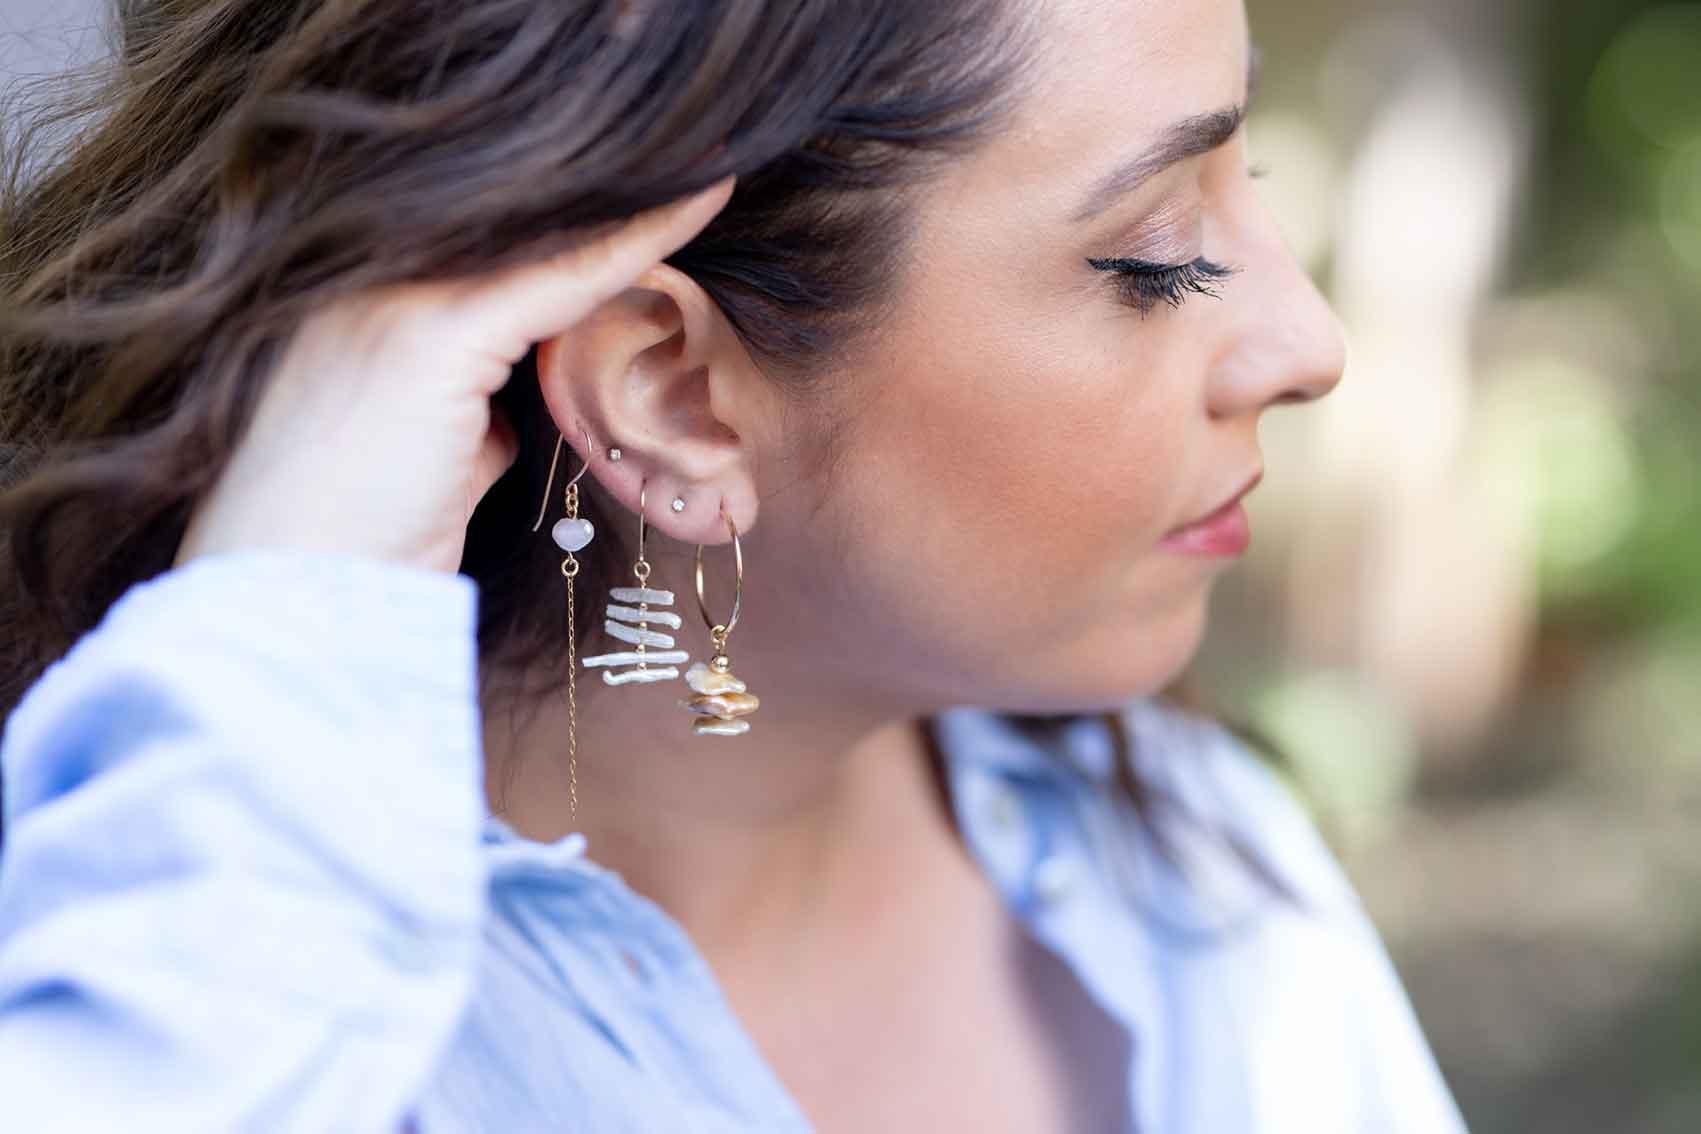 Anat Eyal Design. טלי עונדת מיקס עגילים עם פנינים טבעיות ופראיות, צילום: שלי פדן-לורבר-אופנה